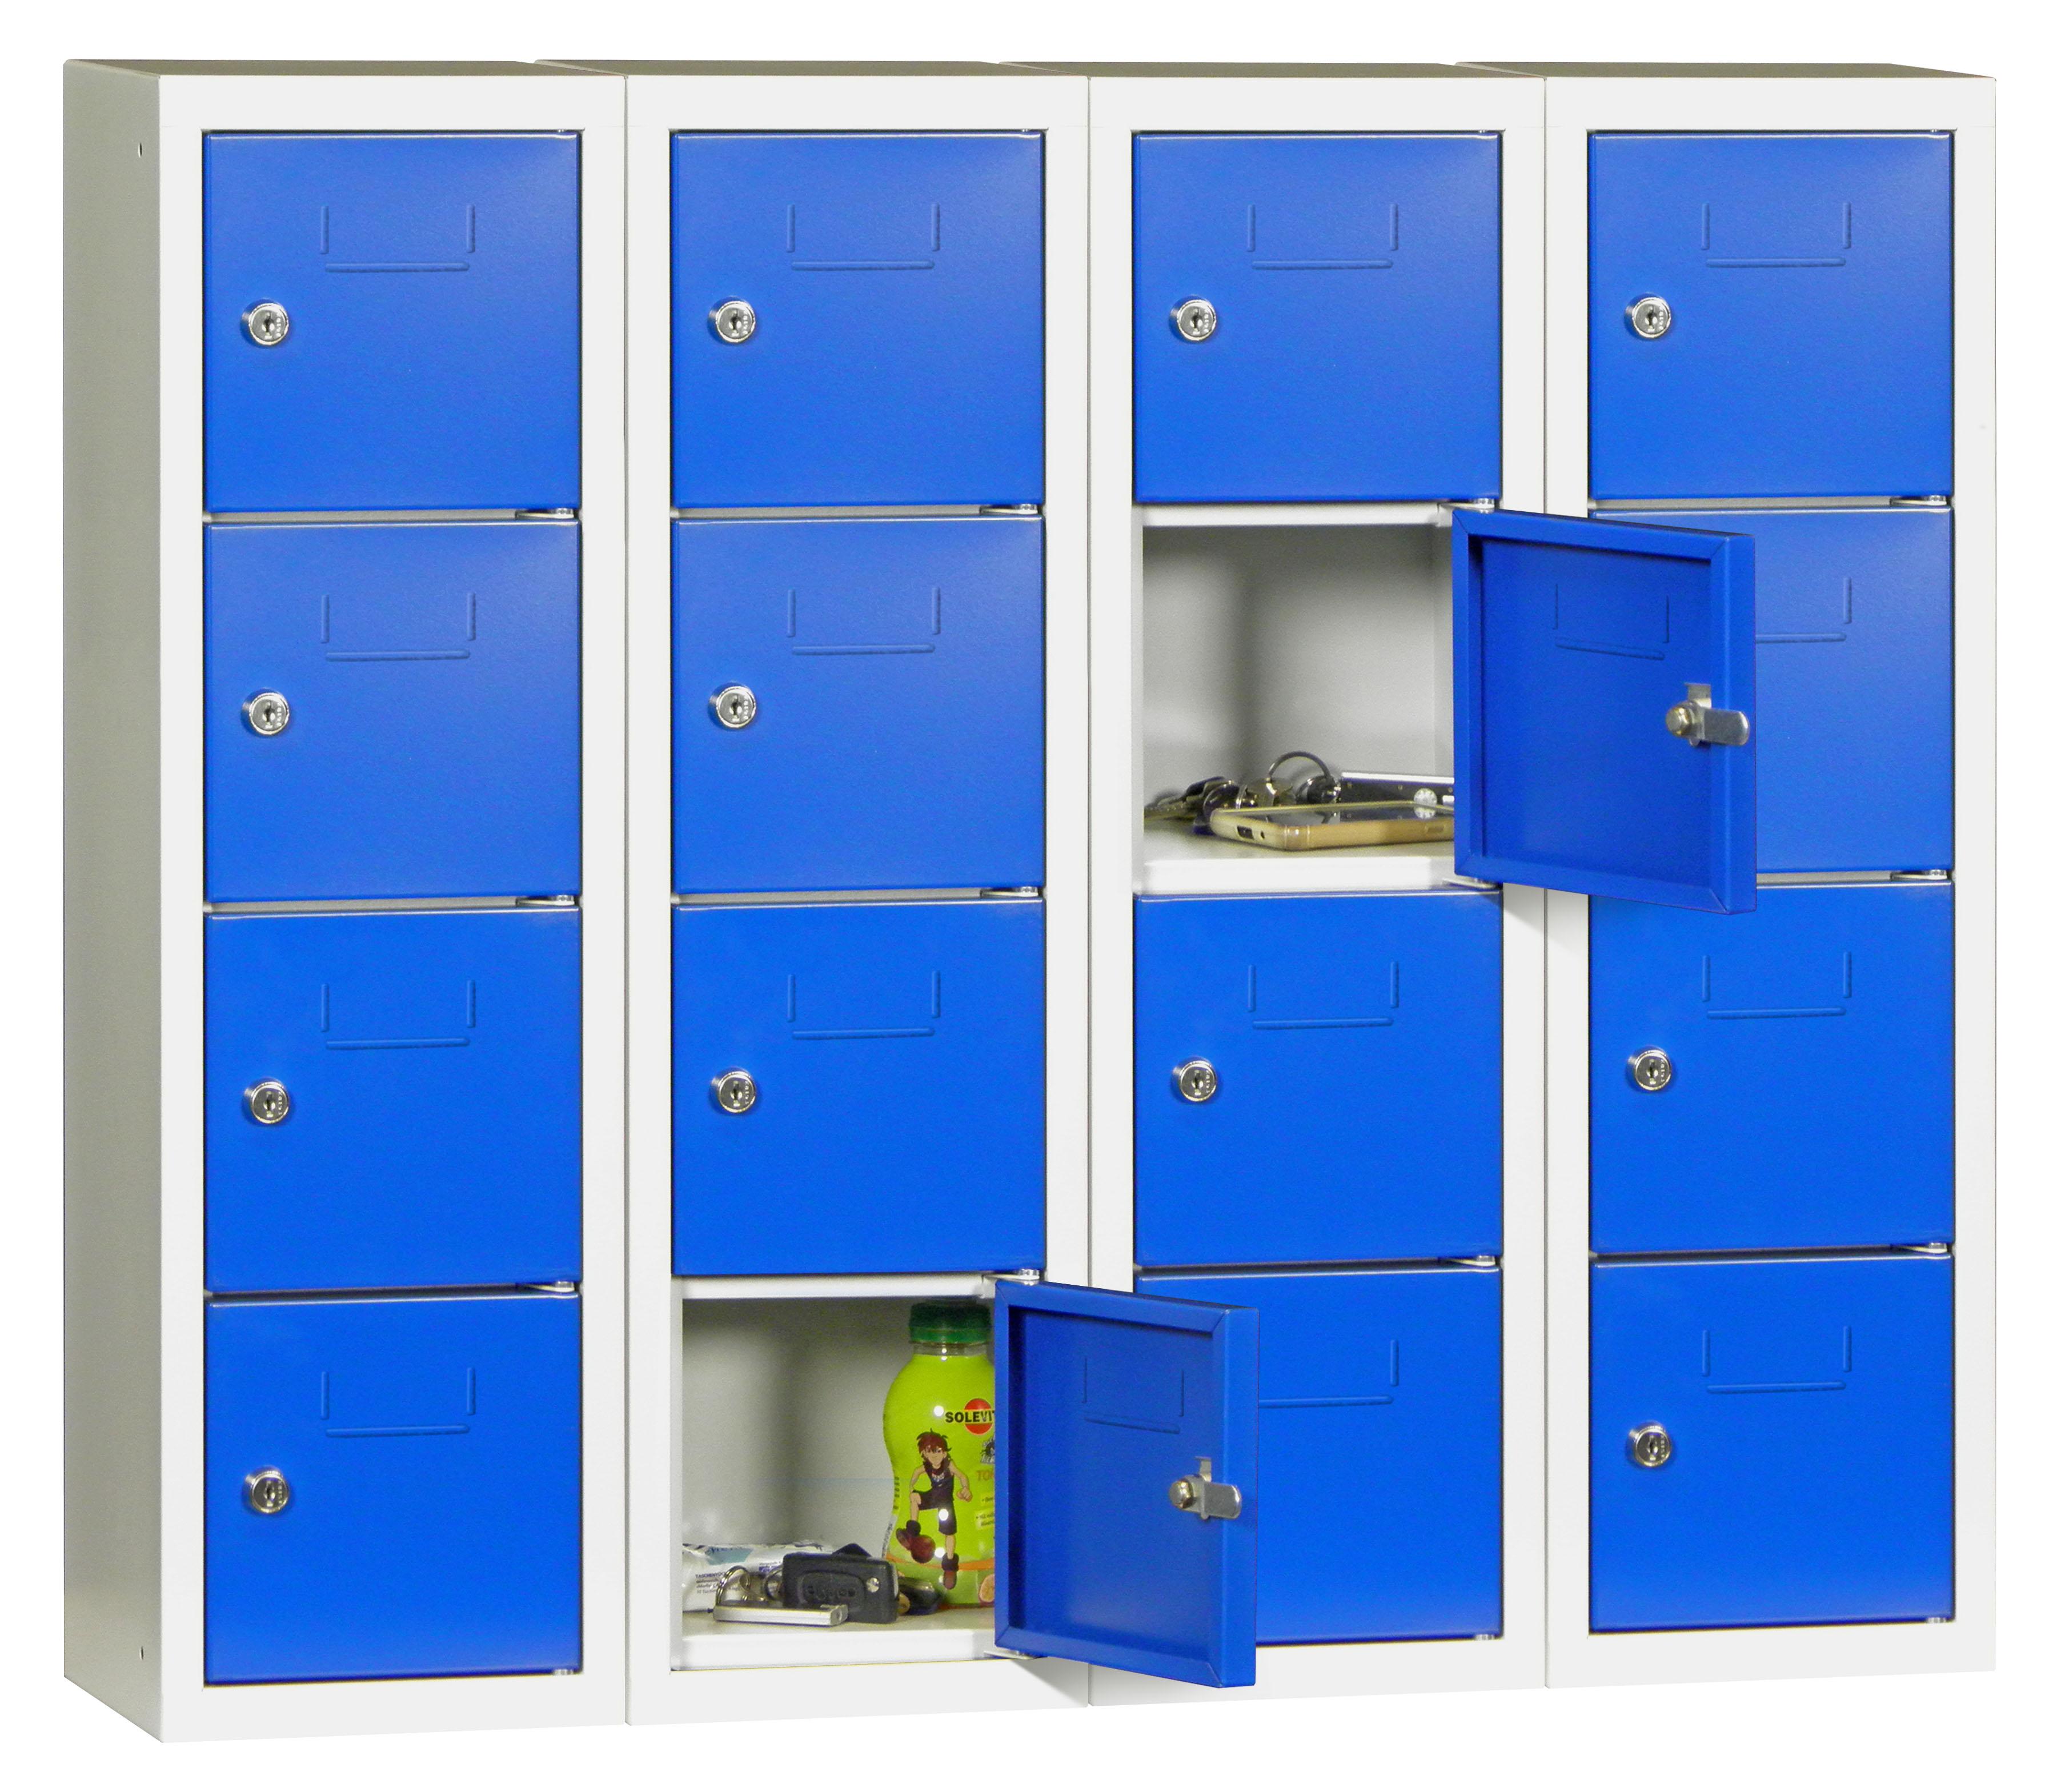 Minischließfachschrank 16 Fächer HxBxT: 778 x 900 x 200 mm | günstig bestellen bei assistYourwork